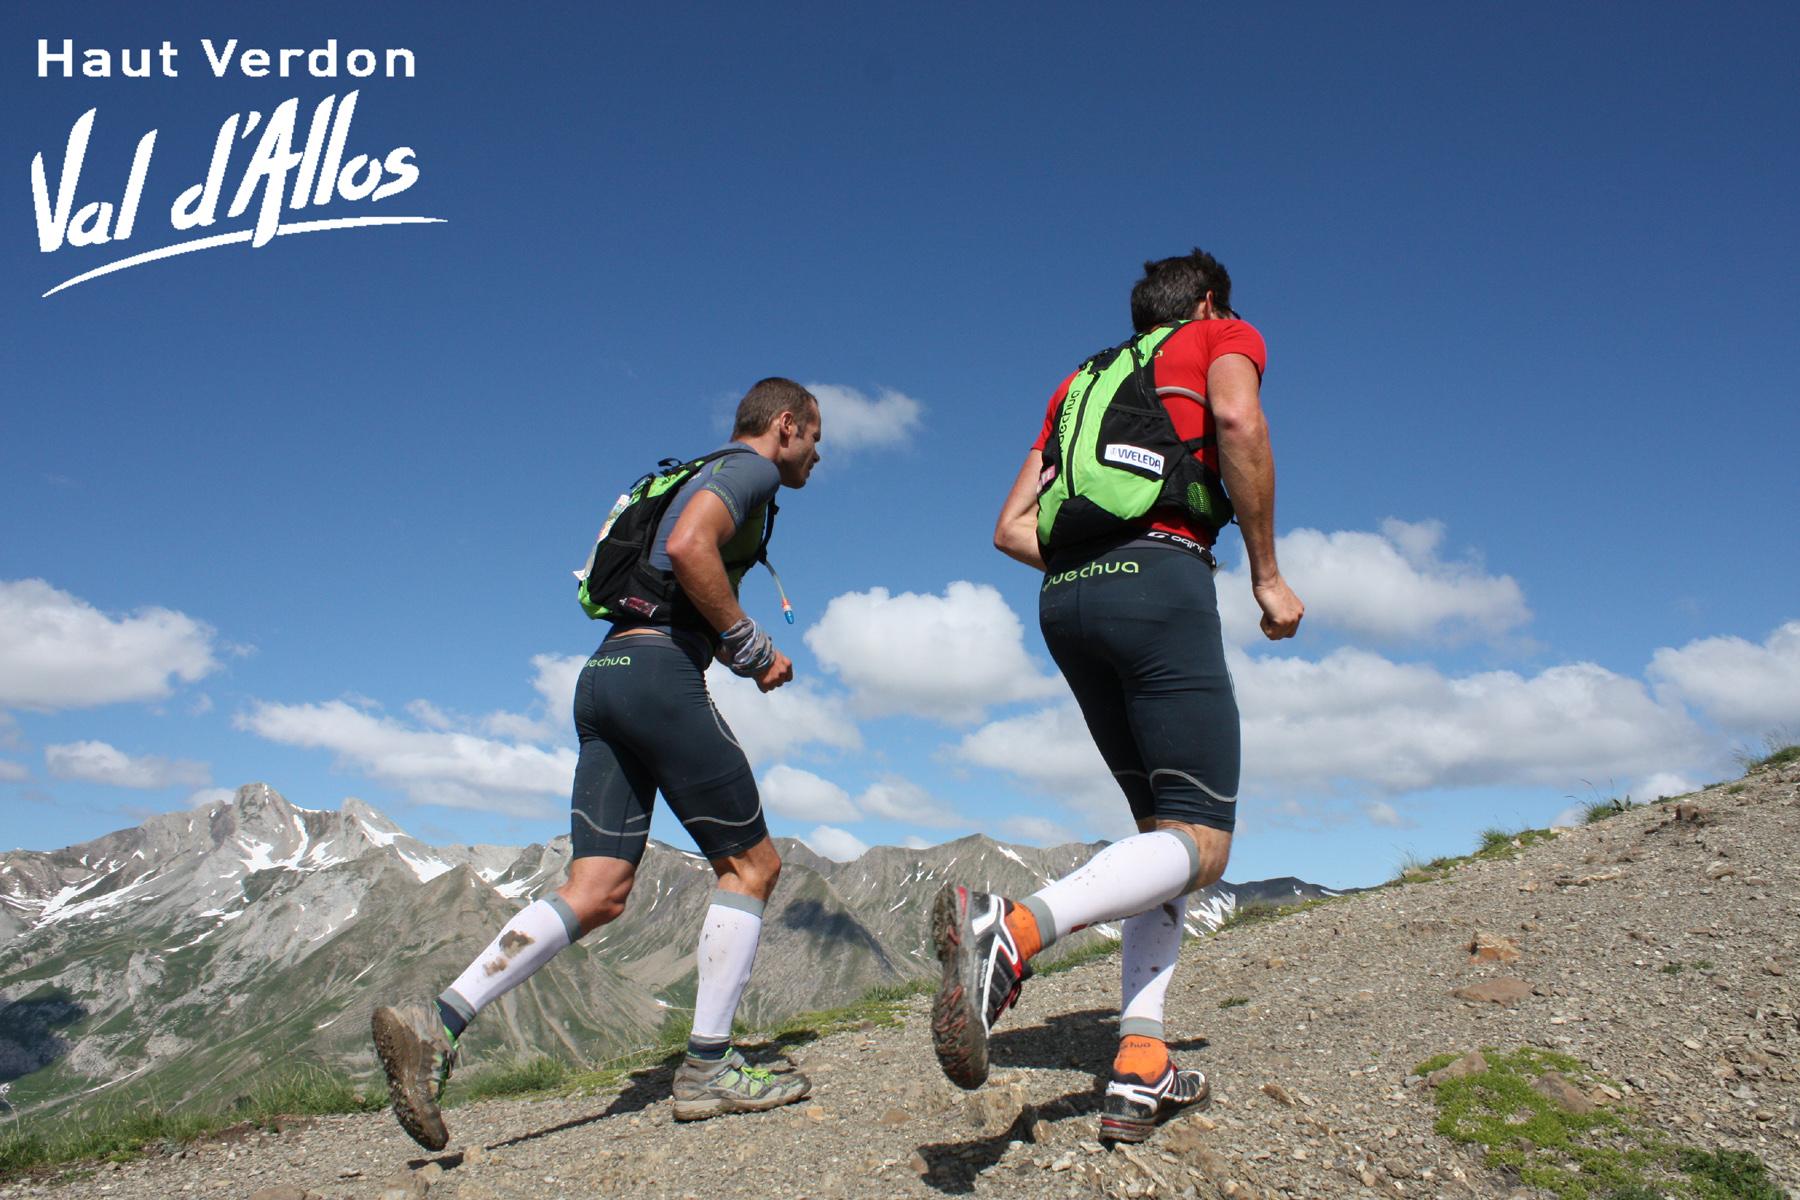 Présentation du Trail du Val d'Allos du 26 juillet 2015